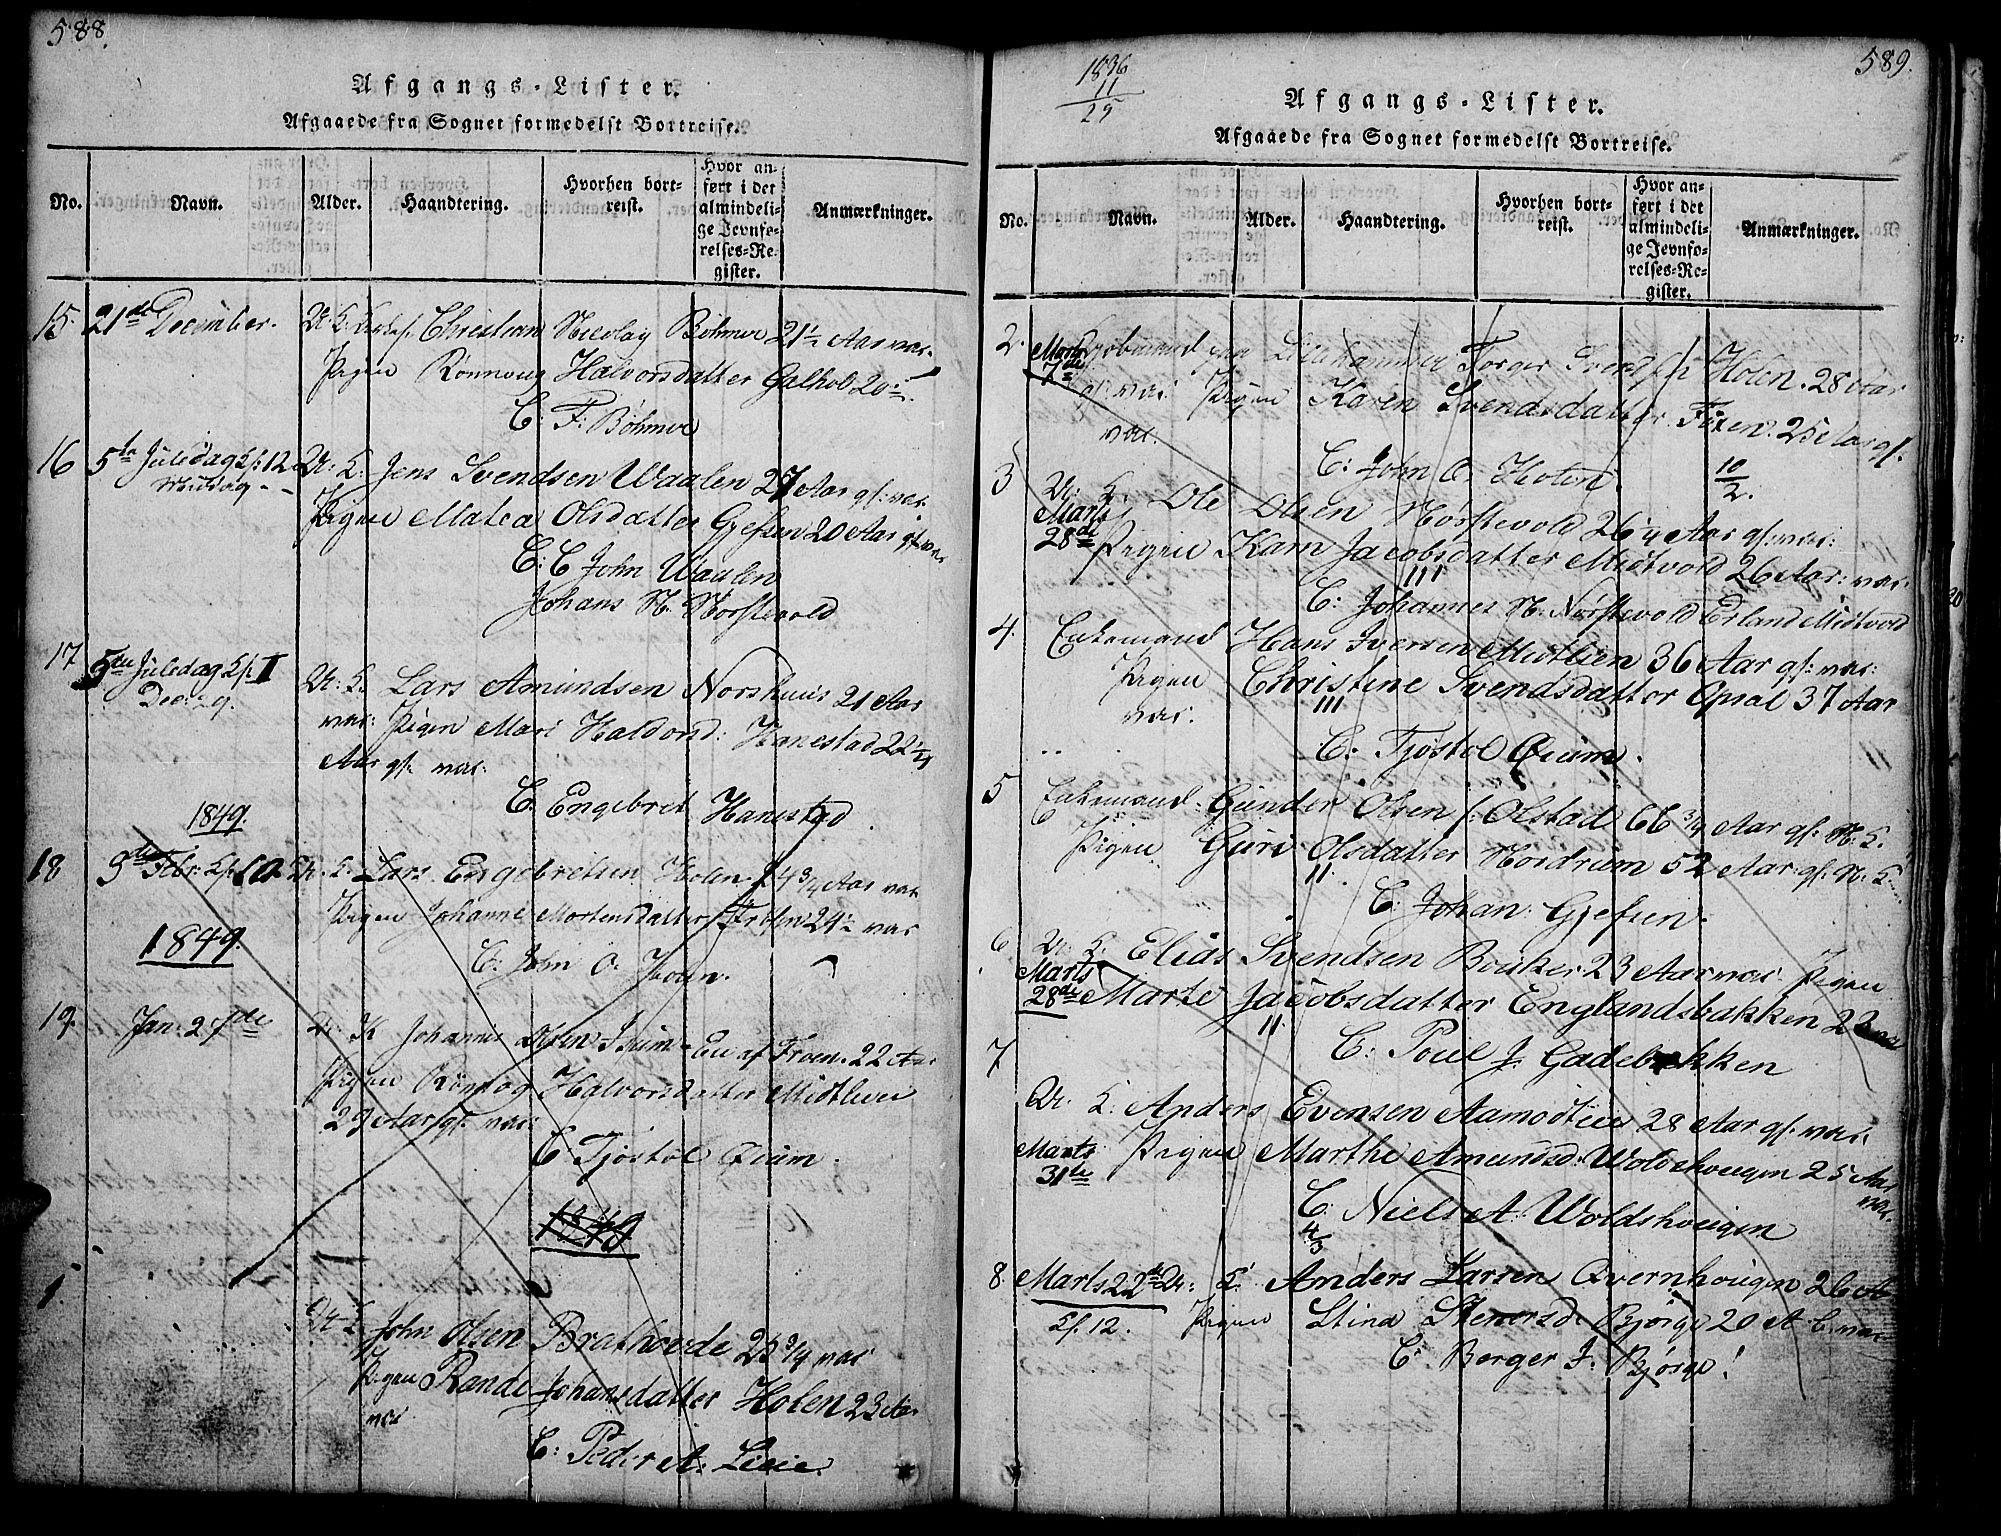 SAH, Gausdal prestekontor, Klokkerbok nr. 1, 1817-1848, s. 588-589